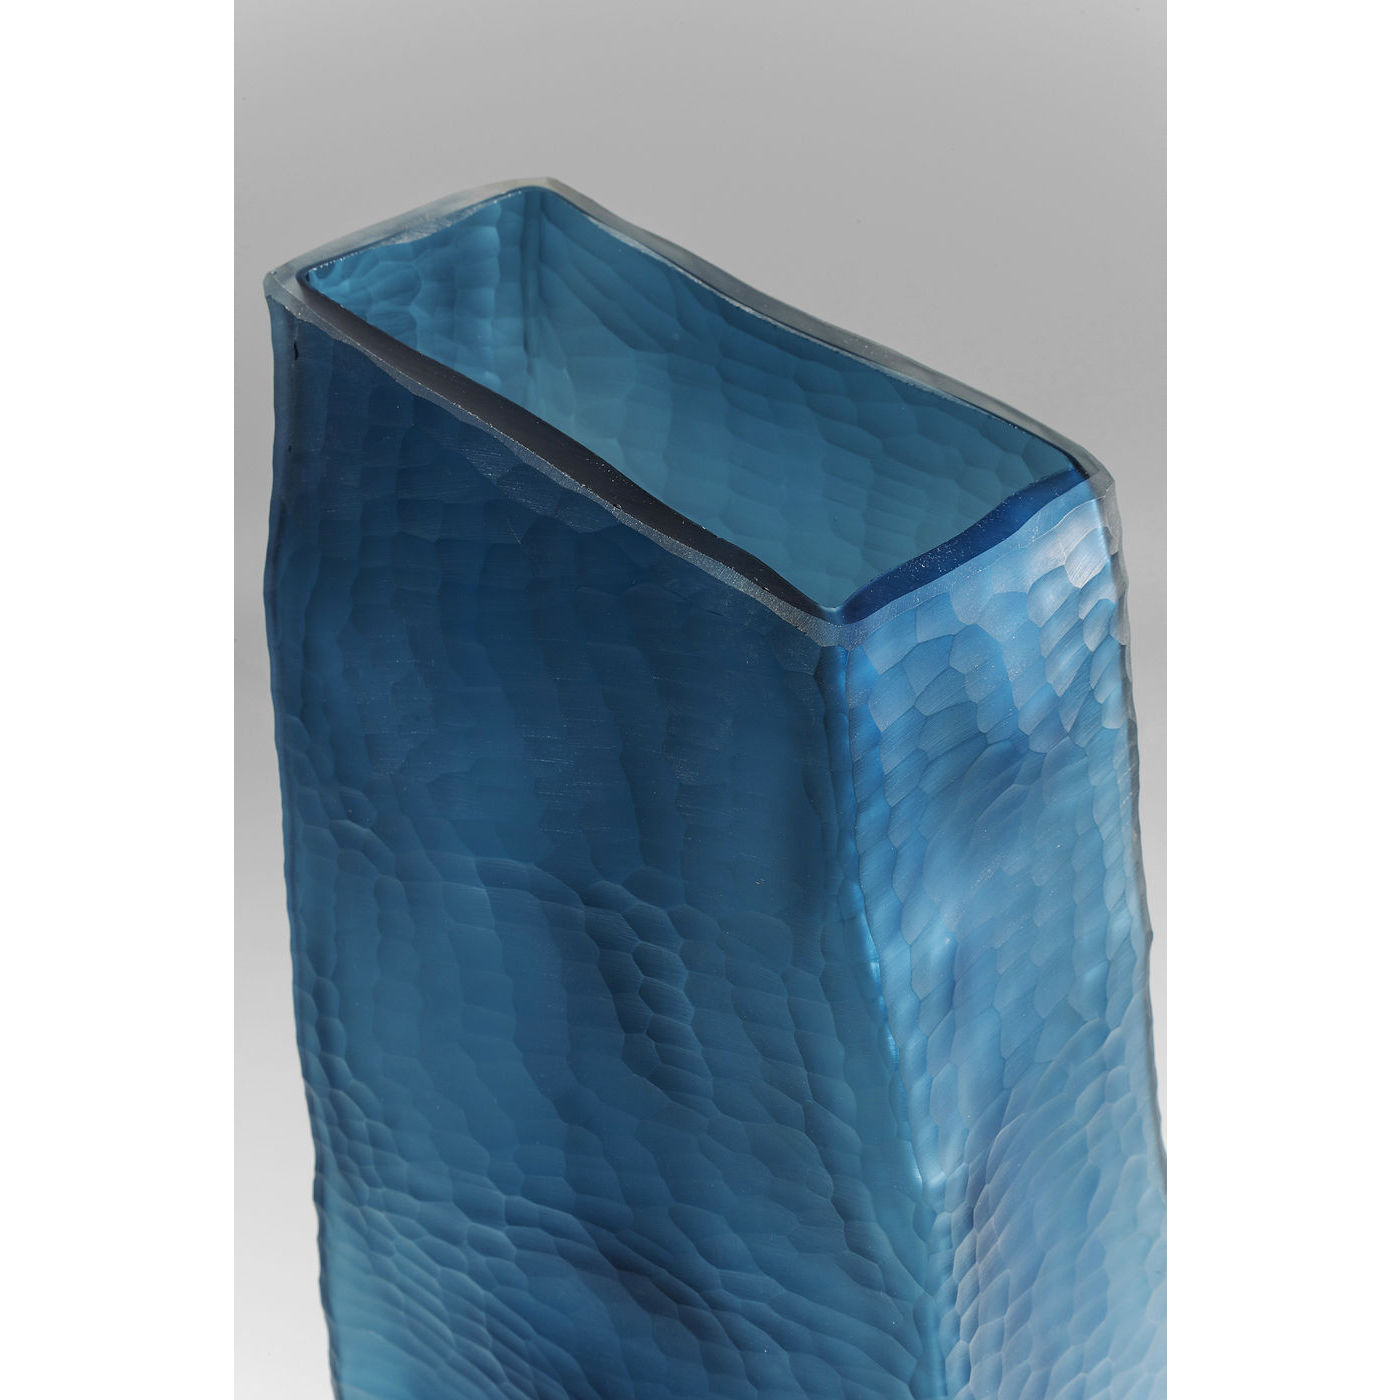 kare design bieco vase kare design boligtilbeh216r